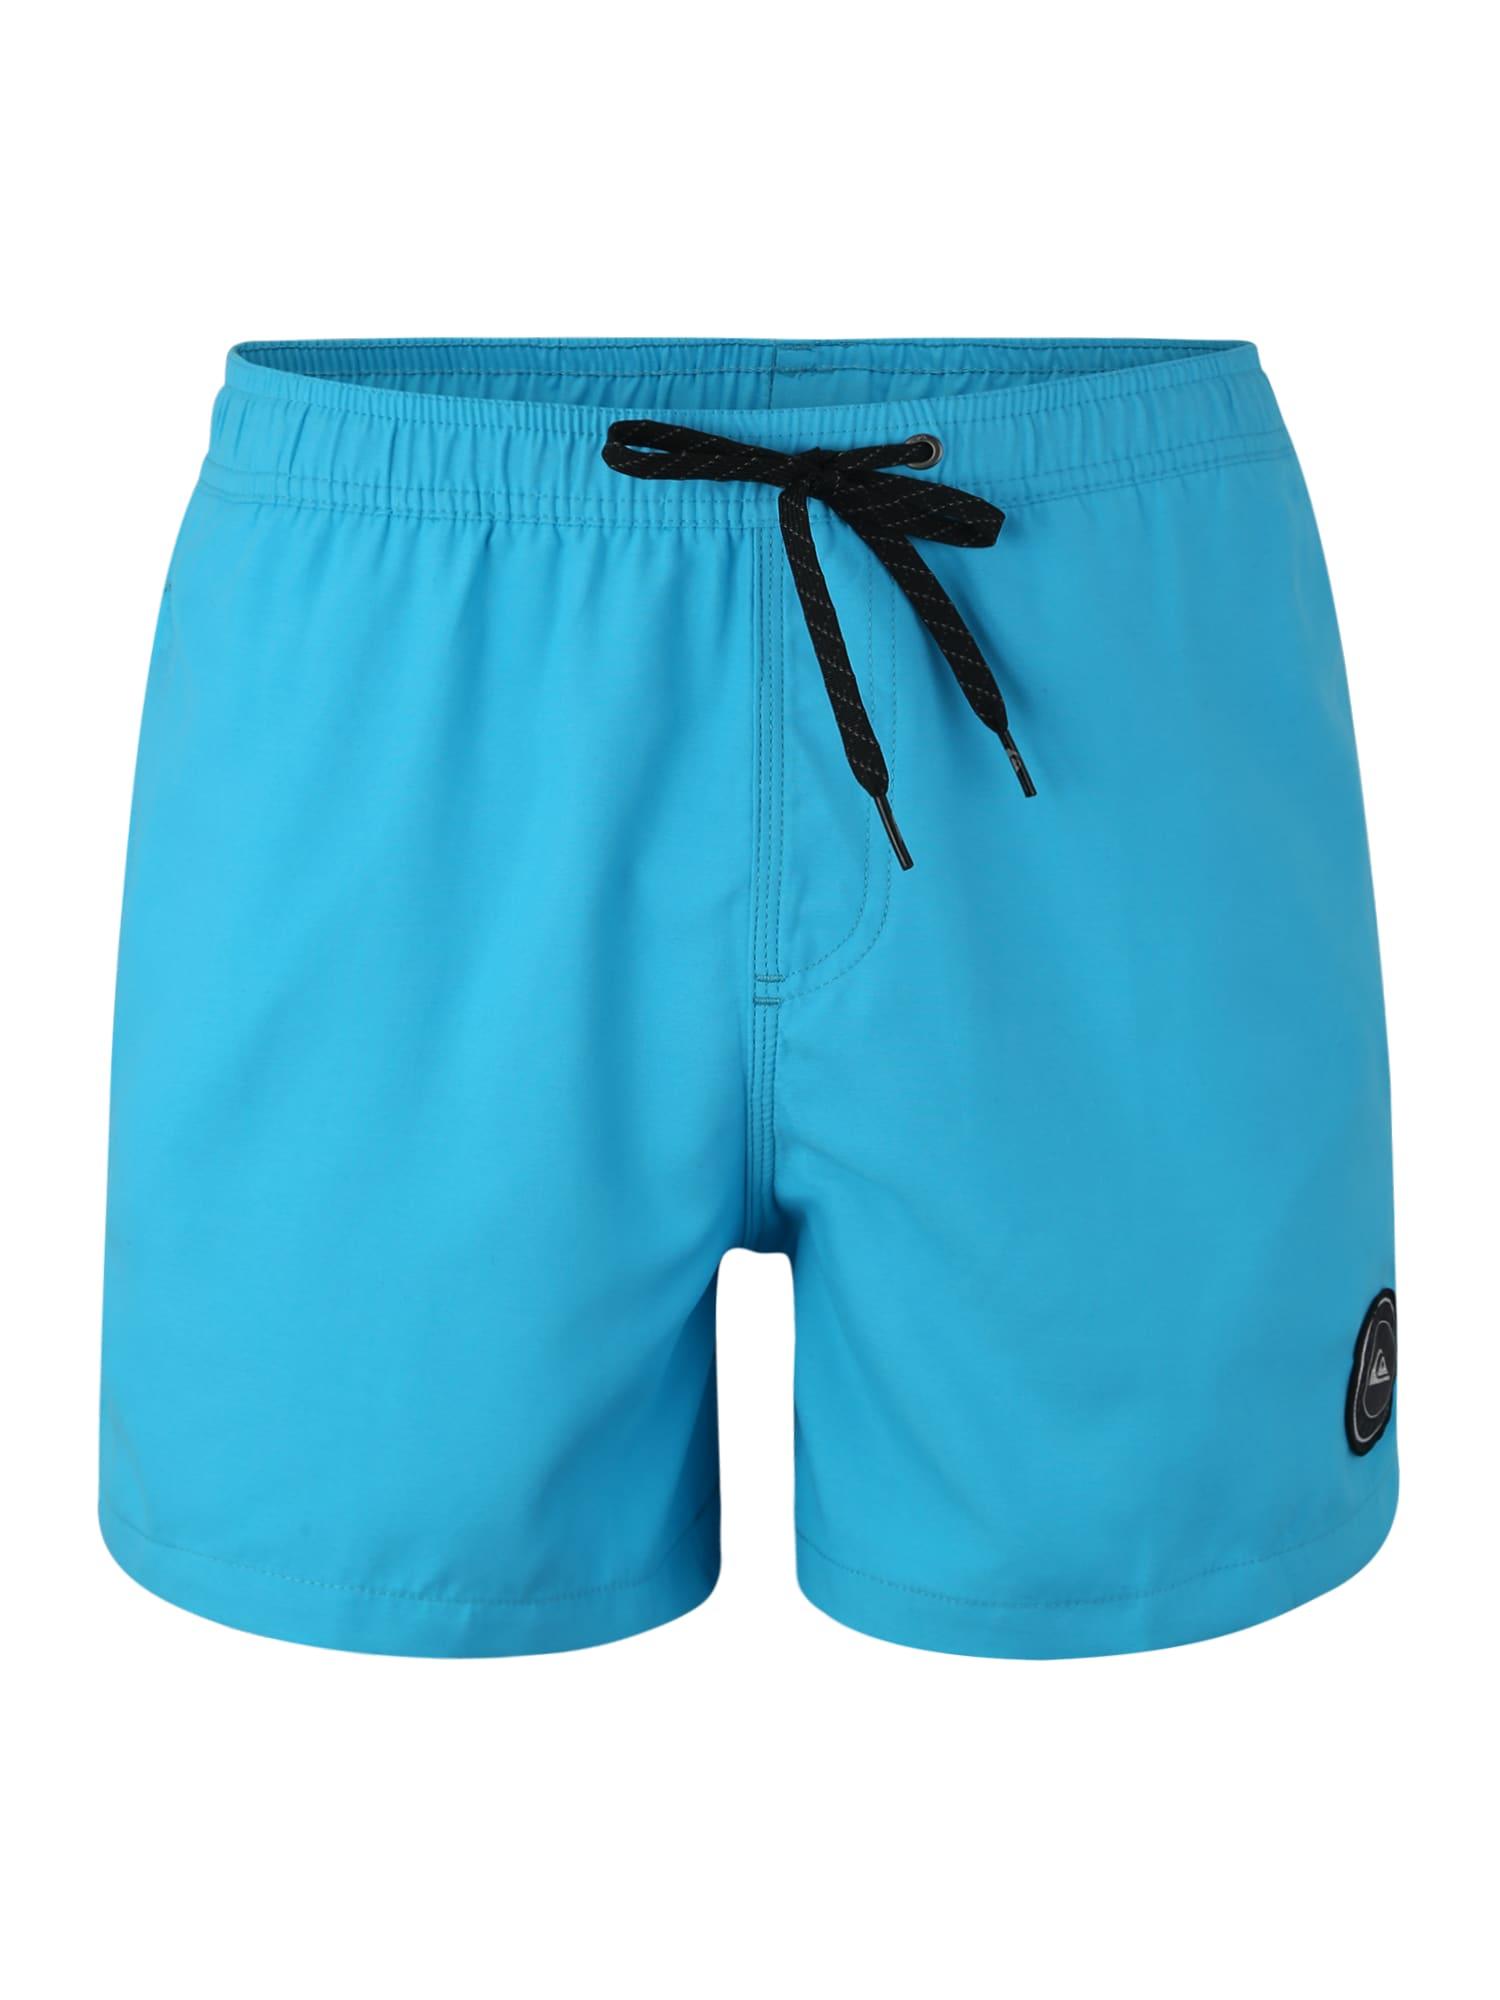 Plavecké šortky Everyday 15 Volley světlemodrá QUIKSILVER